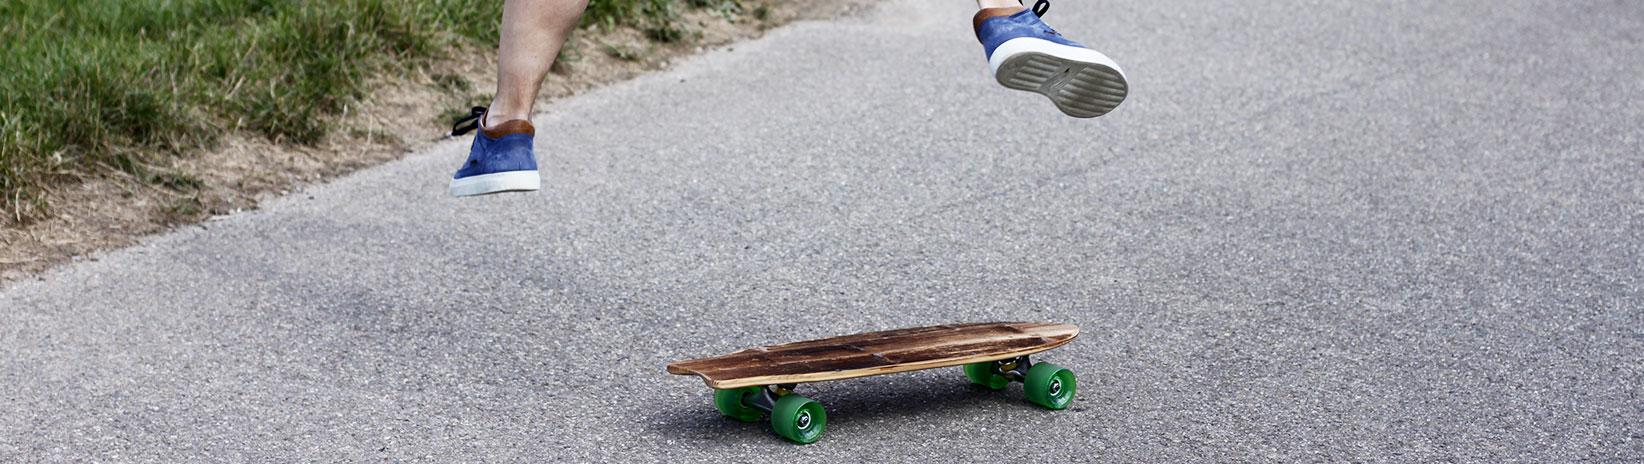 Skate, Skate, Skate